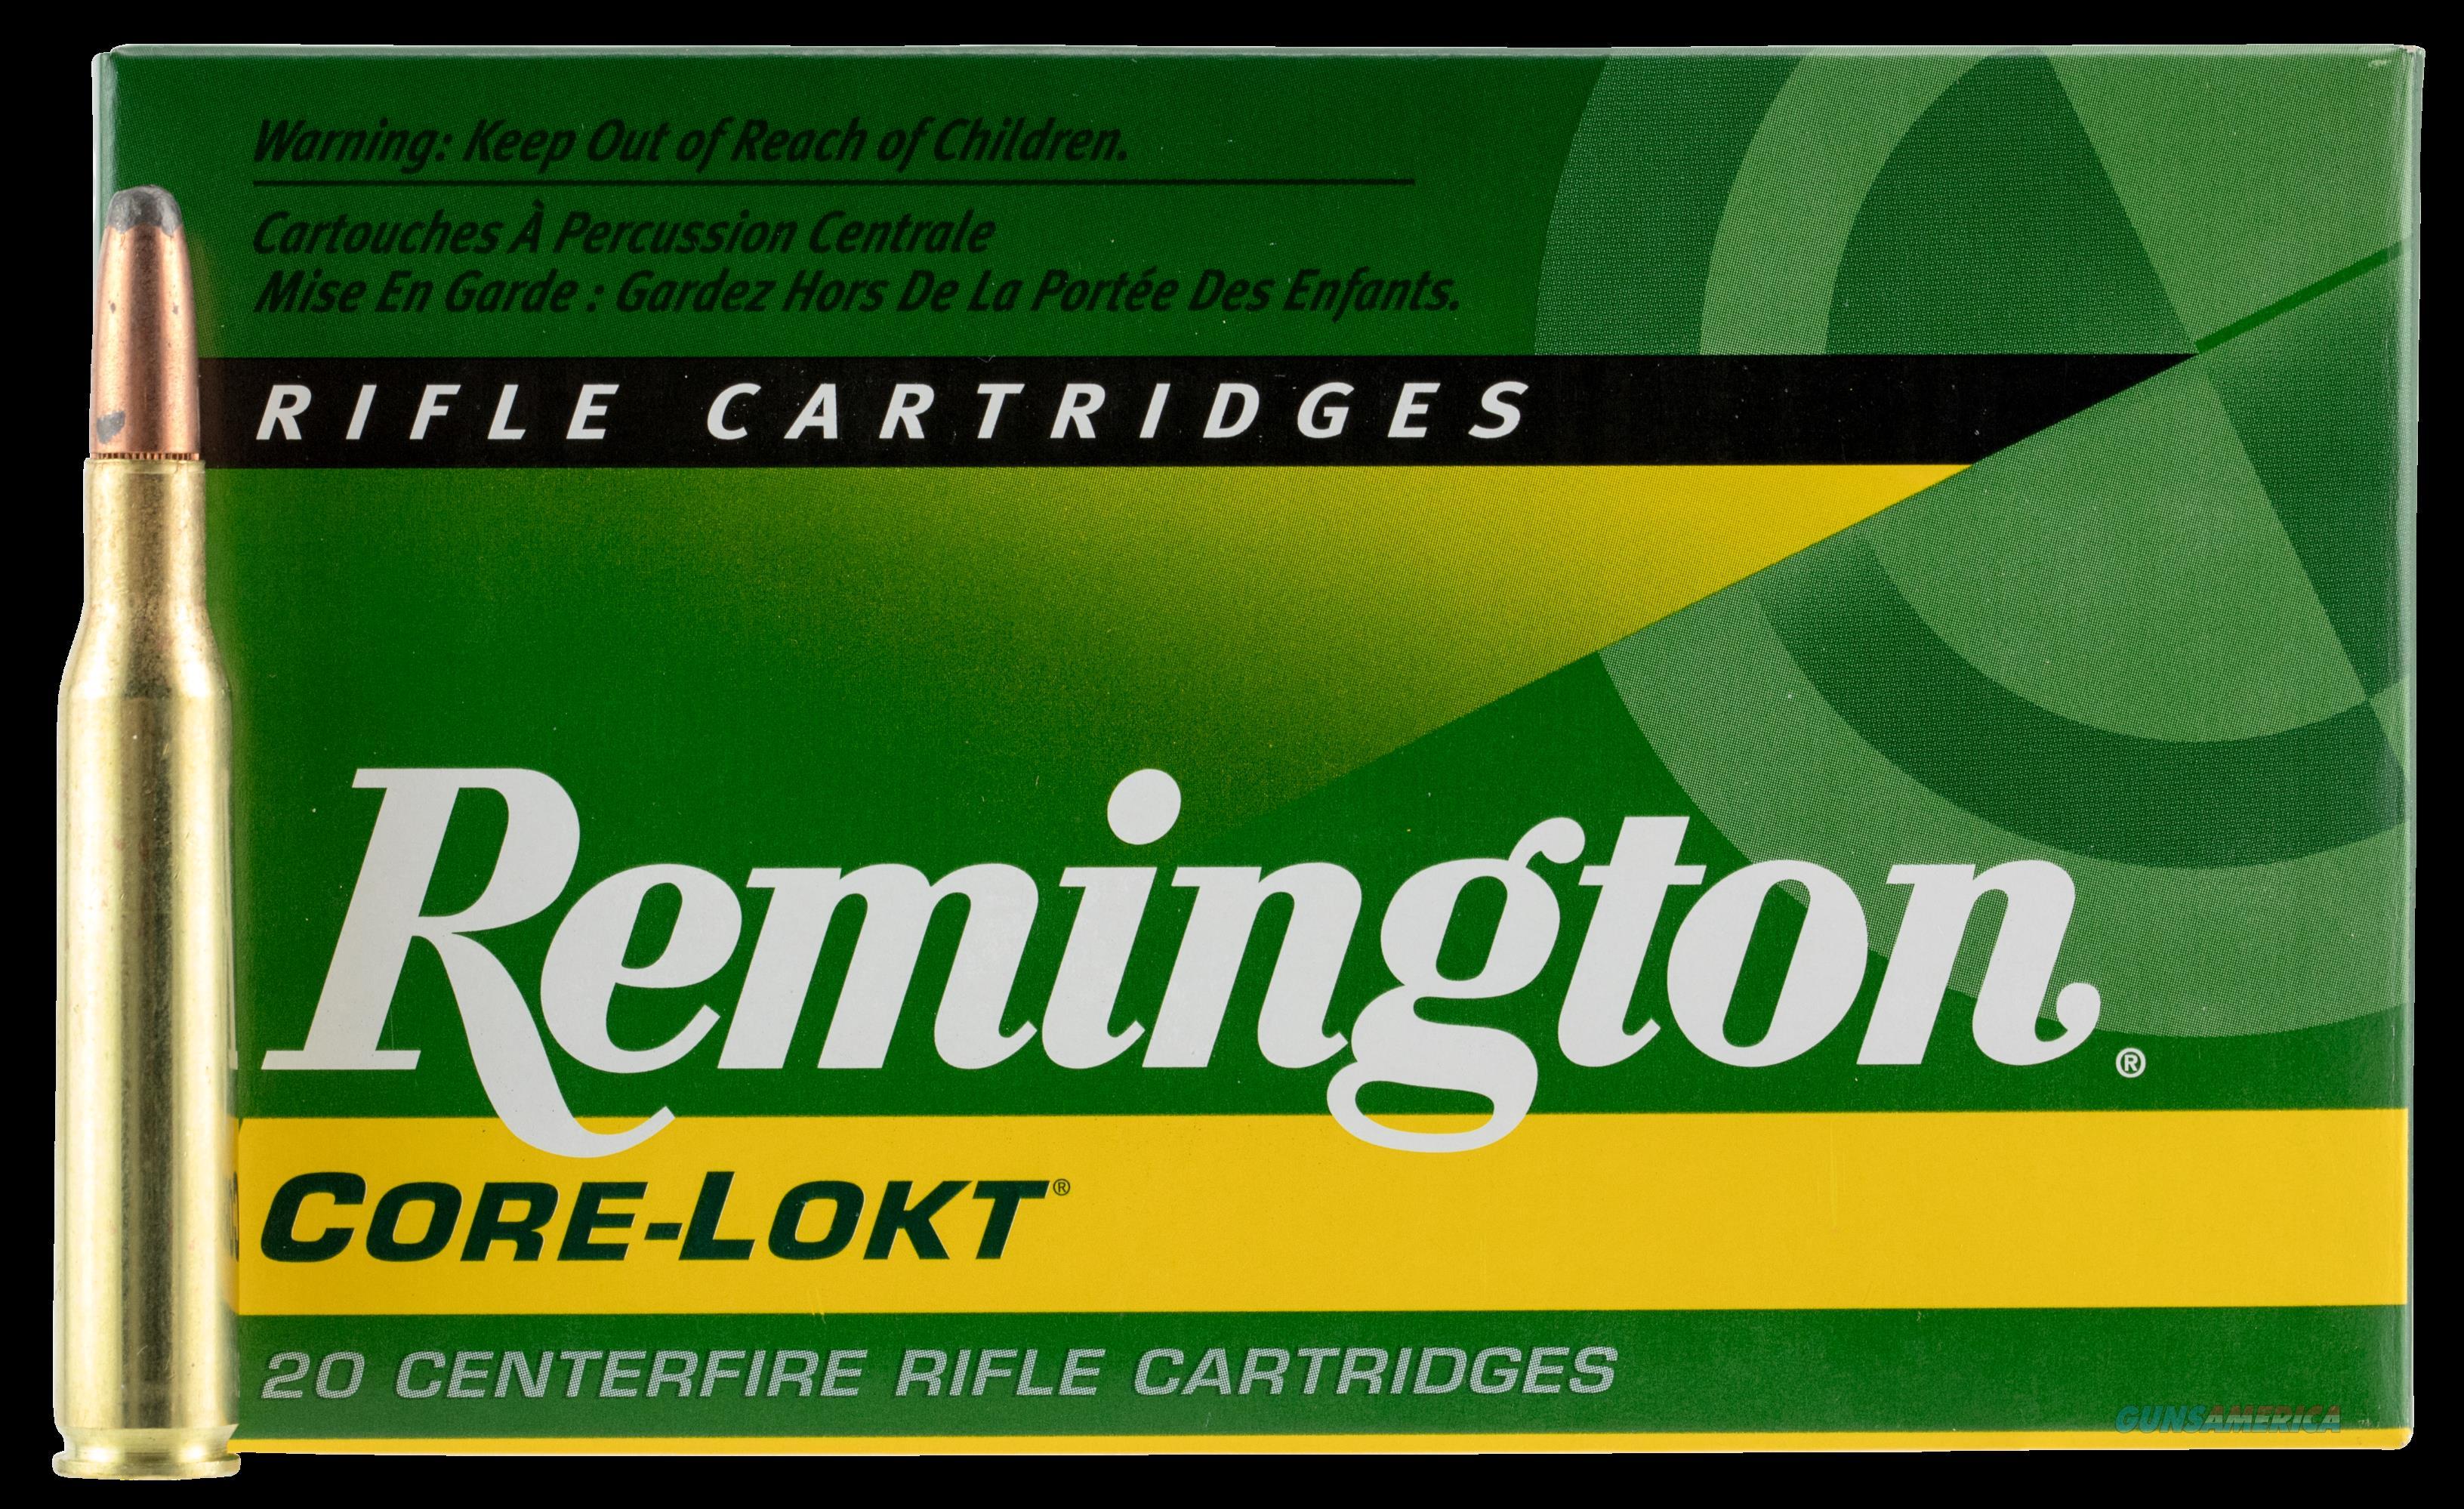 Remington Ammunition Core-lokt, Rem 27810 R270w4  270 Win  150 Spcl    20-10  Guns > Pistols > 1911 Pistol Copies (non-Colt)